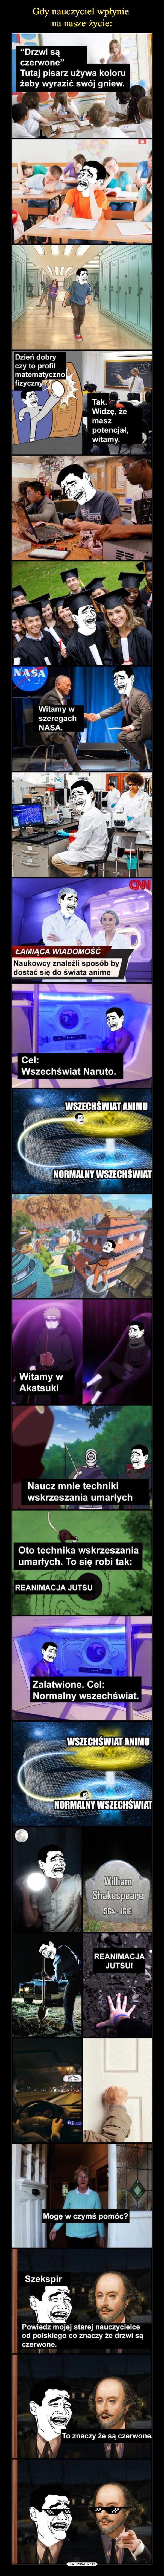 –  Drzwi są czerwone Tutaj pisarz używa koloru czerwonego aby wyrazić swój gniew. Dzień dobry czy to profil matematyczno fizyczny? Tak, widzę, że masz potencjał, witamy. Witamy w szeregach Nasa. Łamiąca wiadomość Naukowcy znaleźli sposób, żeby się dostać do świata anime. Cel: wszechświat Naruto. Wszechświat animu; normalny wszechświat Witamy w Akatsuki Naucz mnie techniki wskrzeszenia umarłych. Oto technika wskrzeszania umarłych. To się robi tak: Reanimacja jutsu. Załatwione, cel normalny wszechświat. William Shakespeare. Mogę w czymś pomóc? Szekspir. powiedz mojej starej nauczycielce od polskiego co znaczy, że drzwi są czerwone. To znaczy, że są czerwone.